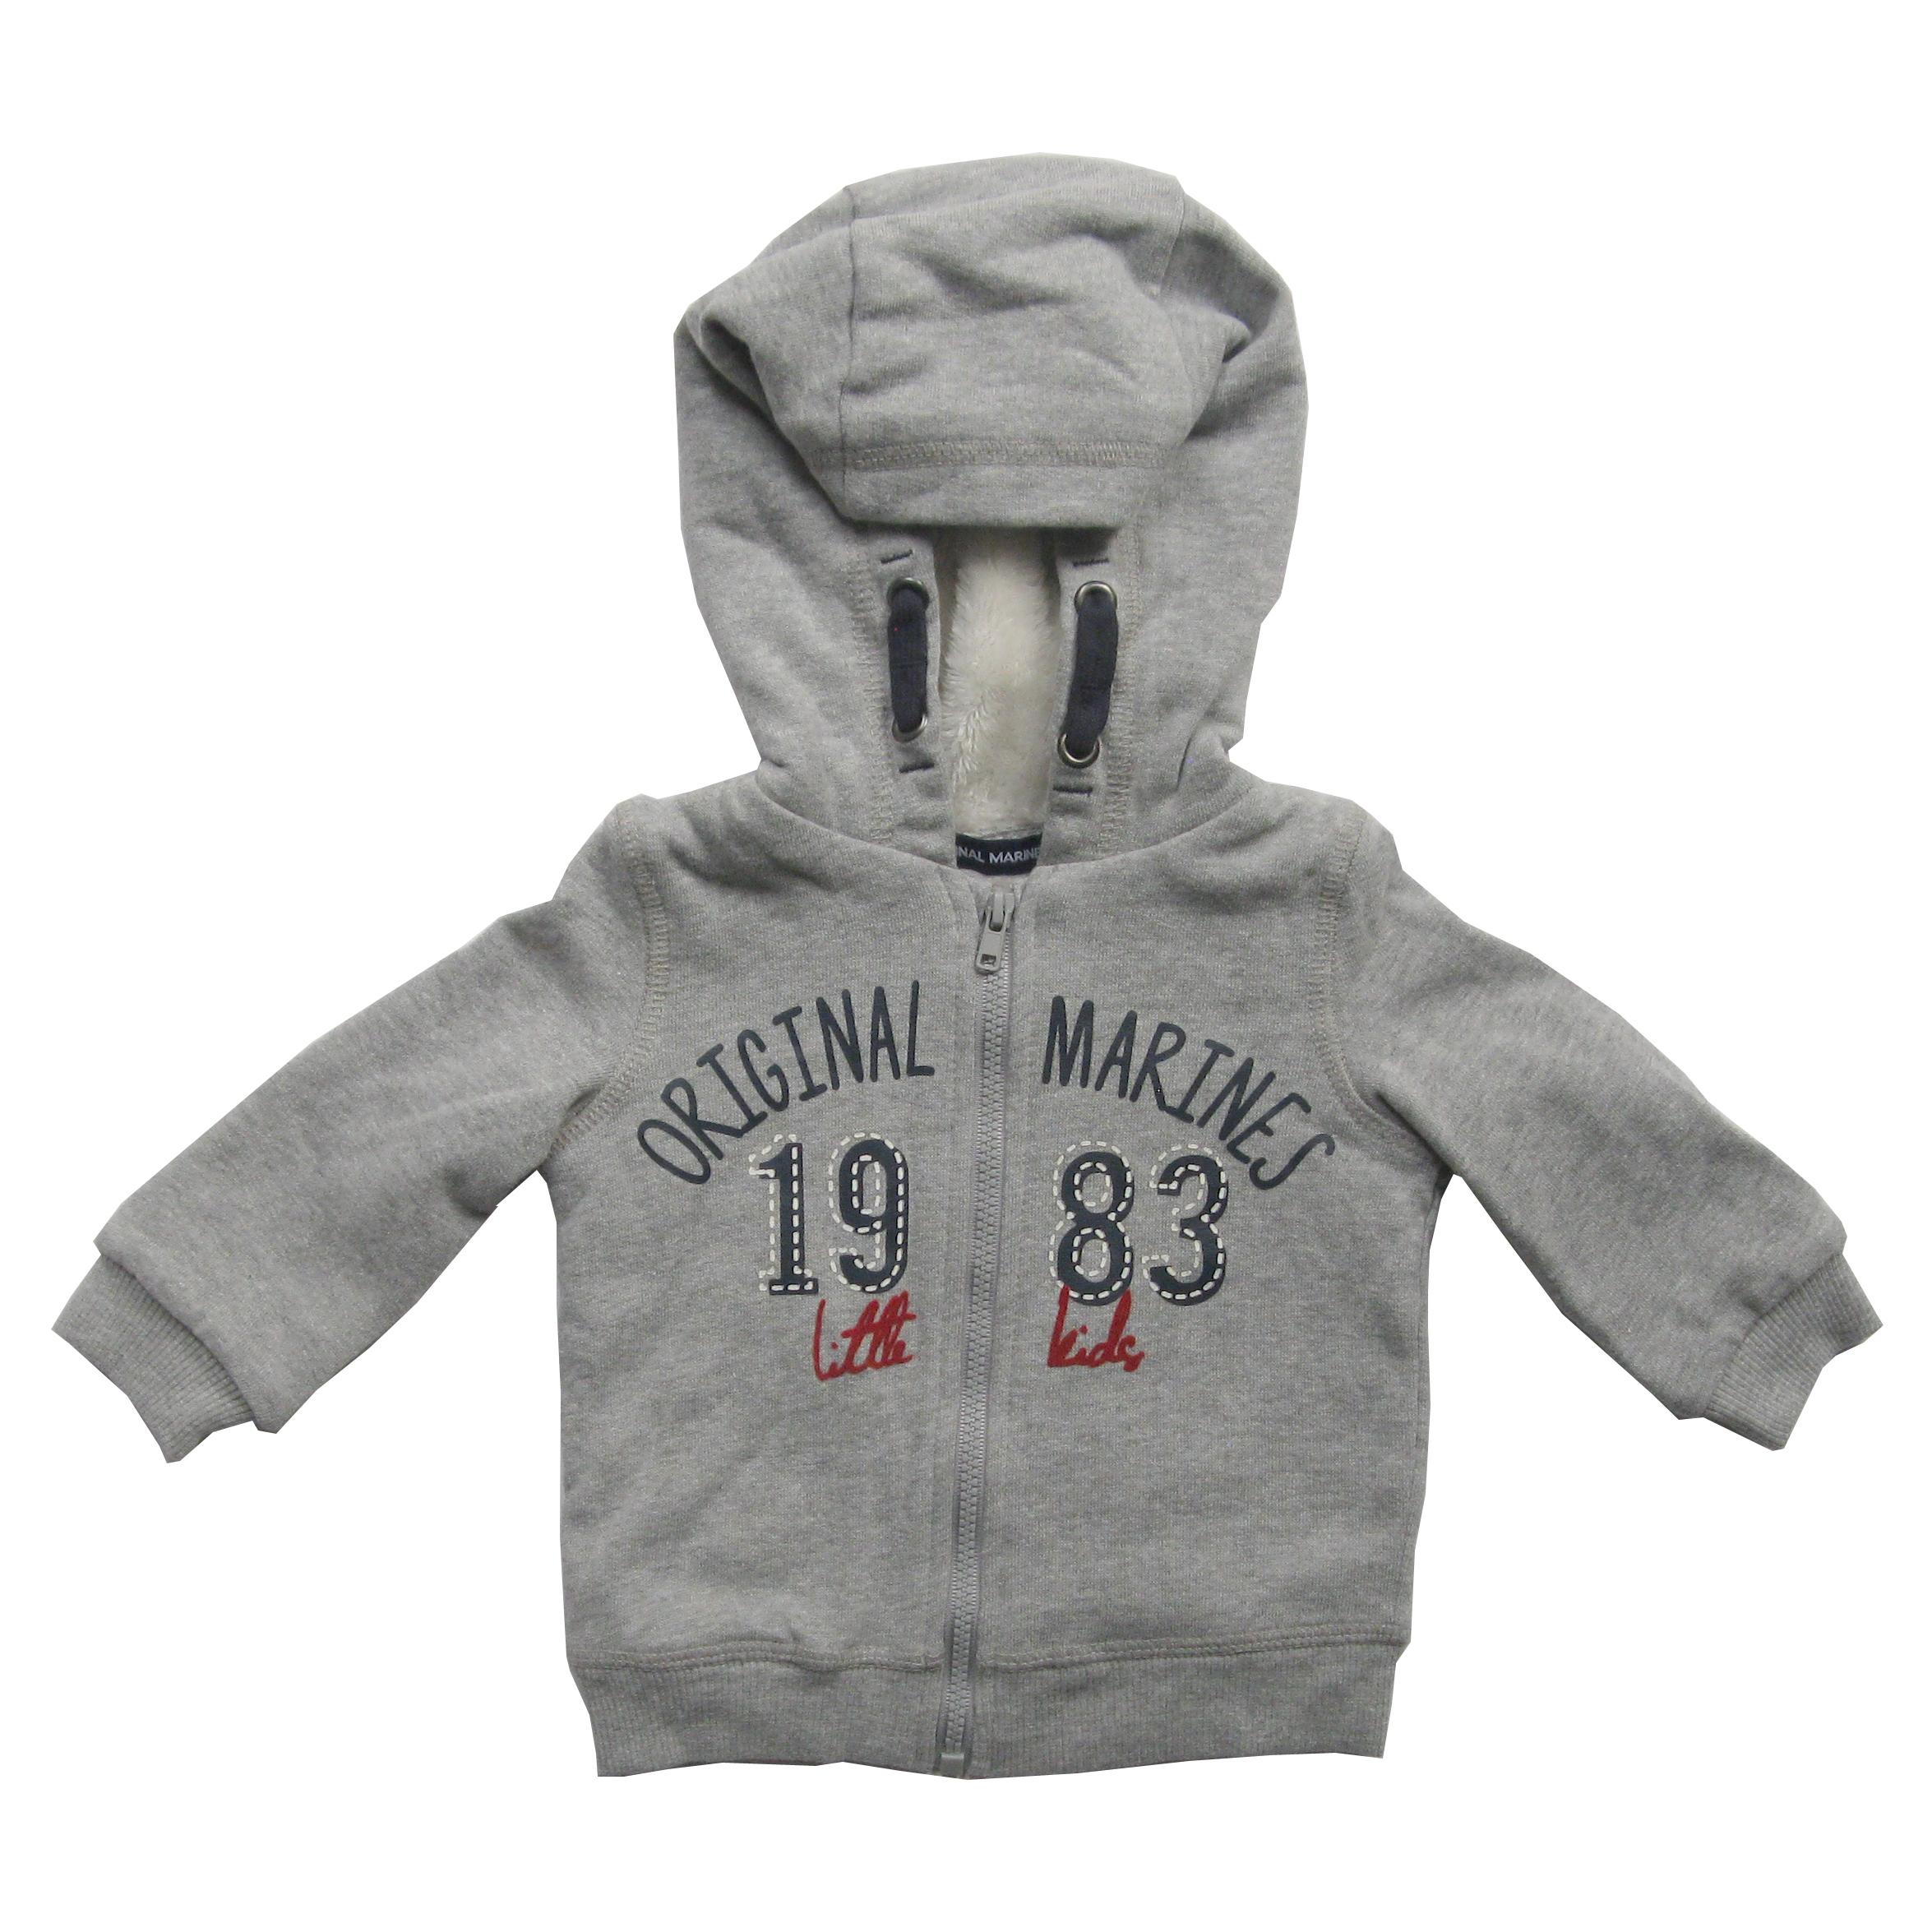 سویشرت نوزادی اوریجینال مارینز مدل 132